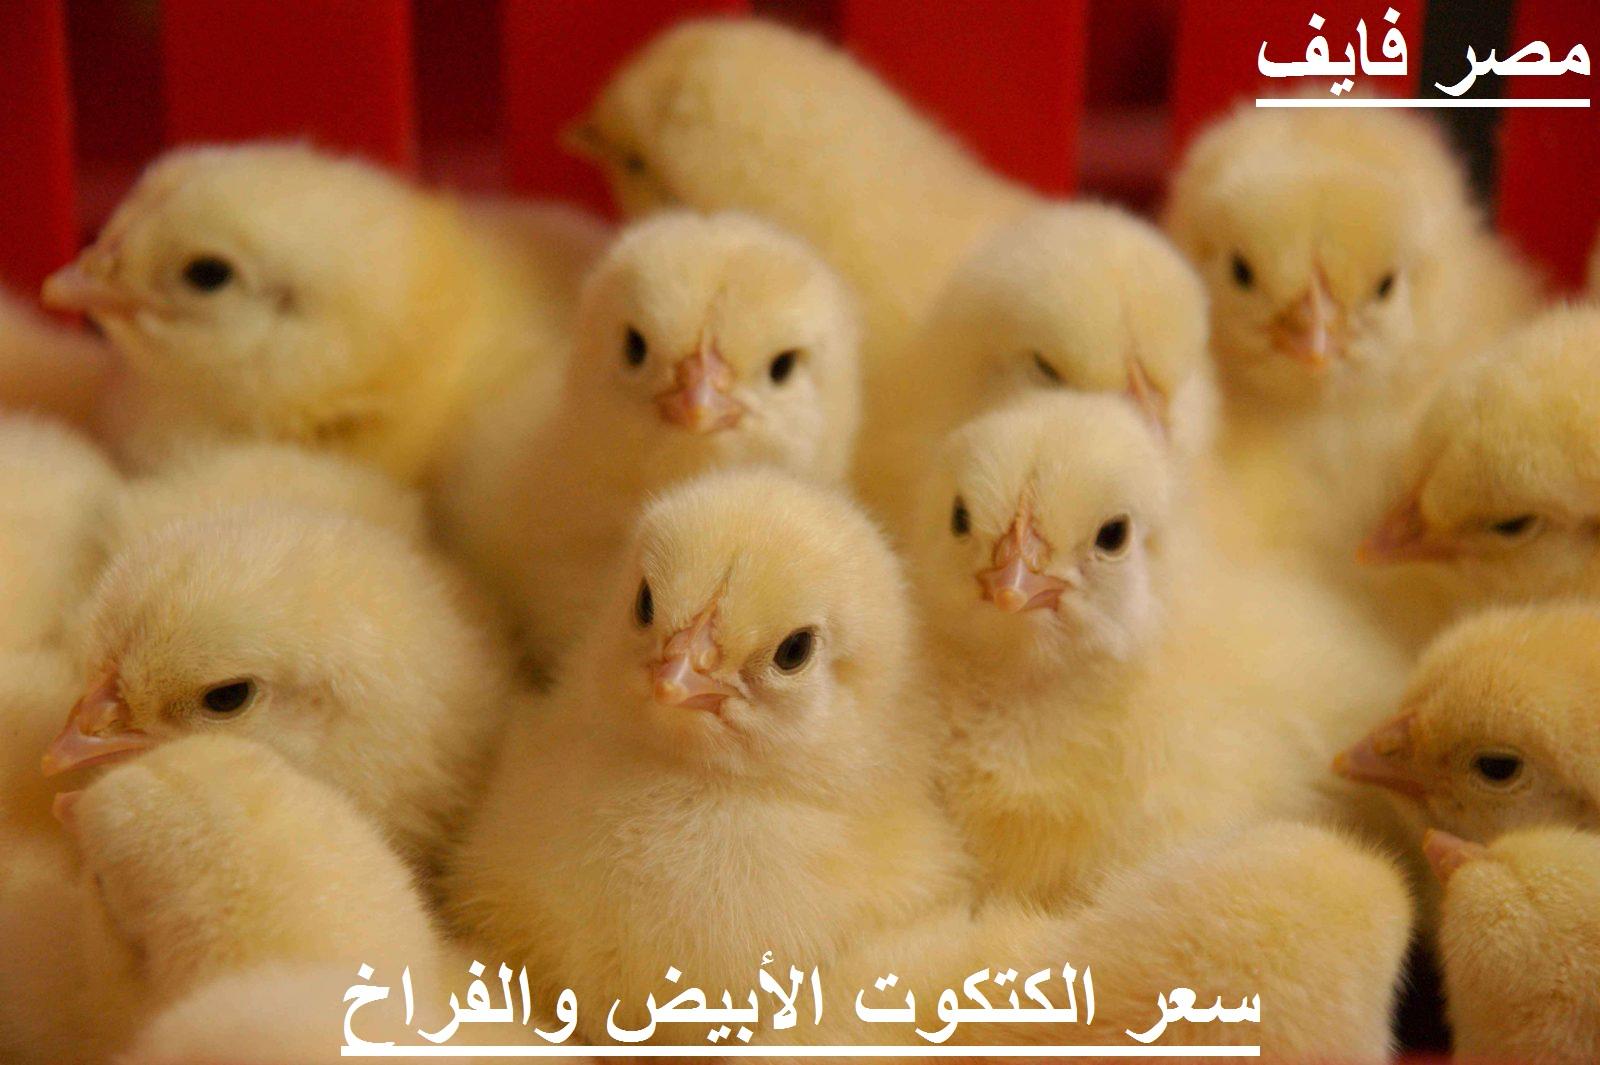 أسعار بورصة الدواجن اليوم الإثنين 13 سبتمبر وسعر الفراخ اليوم والكتاكيت 2